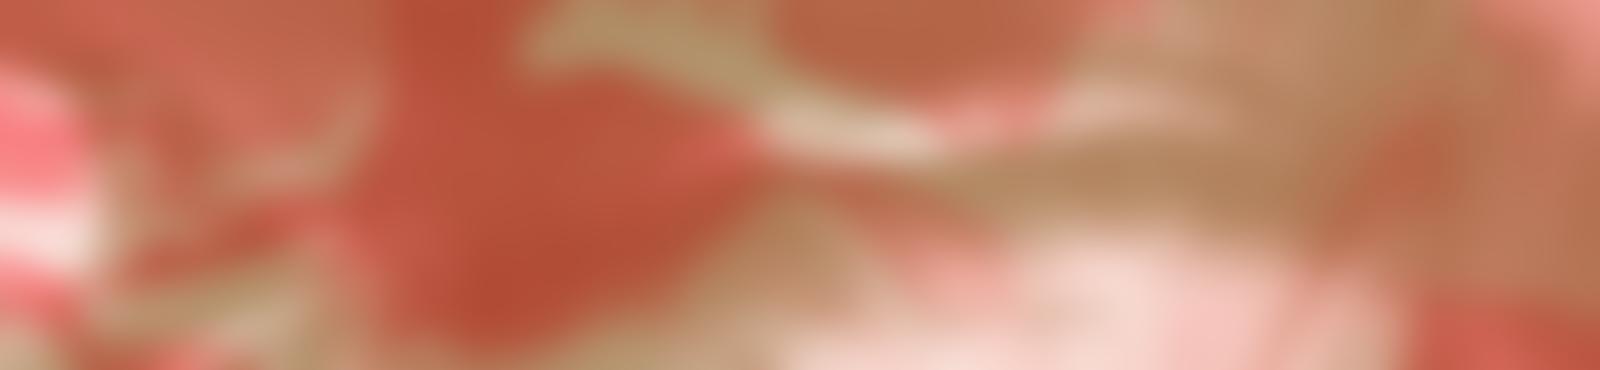 Blurred d548d9e1 4b4f 4f8a a61c 4e34adbdf0a7